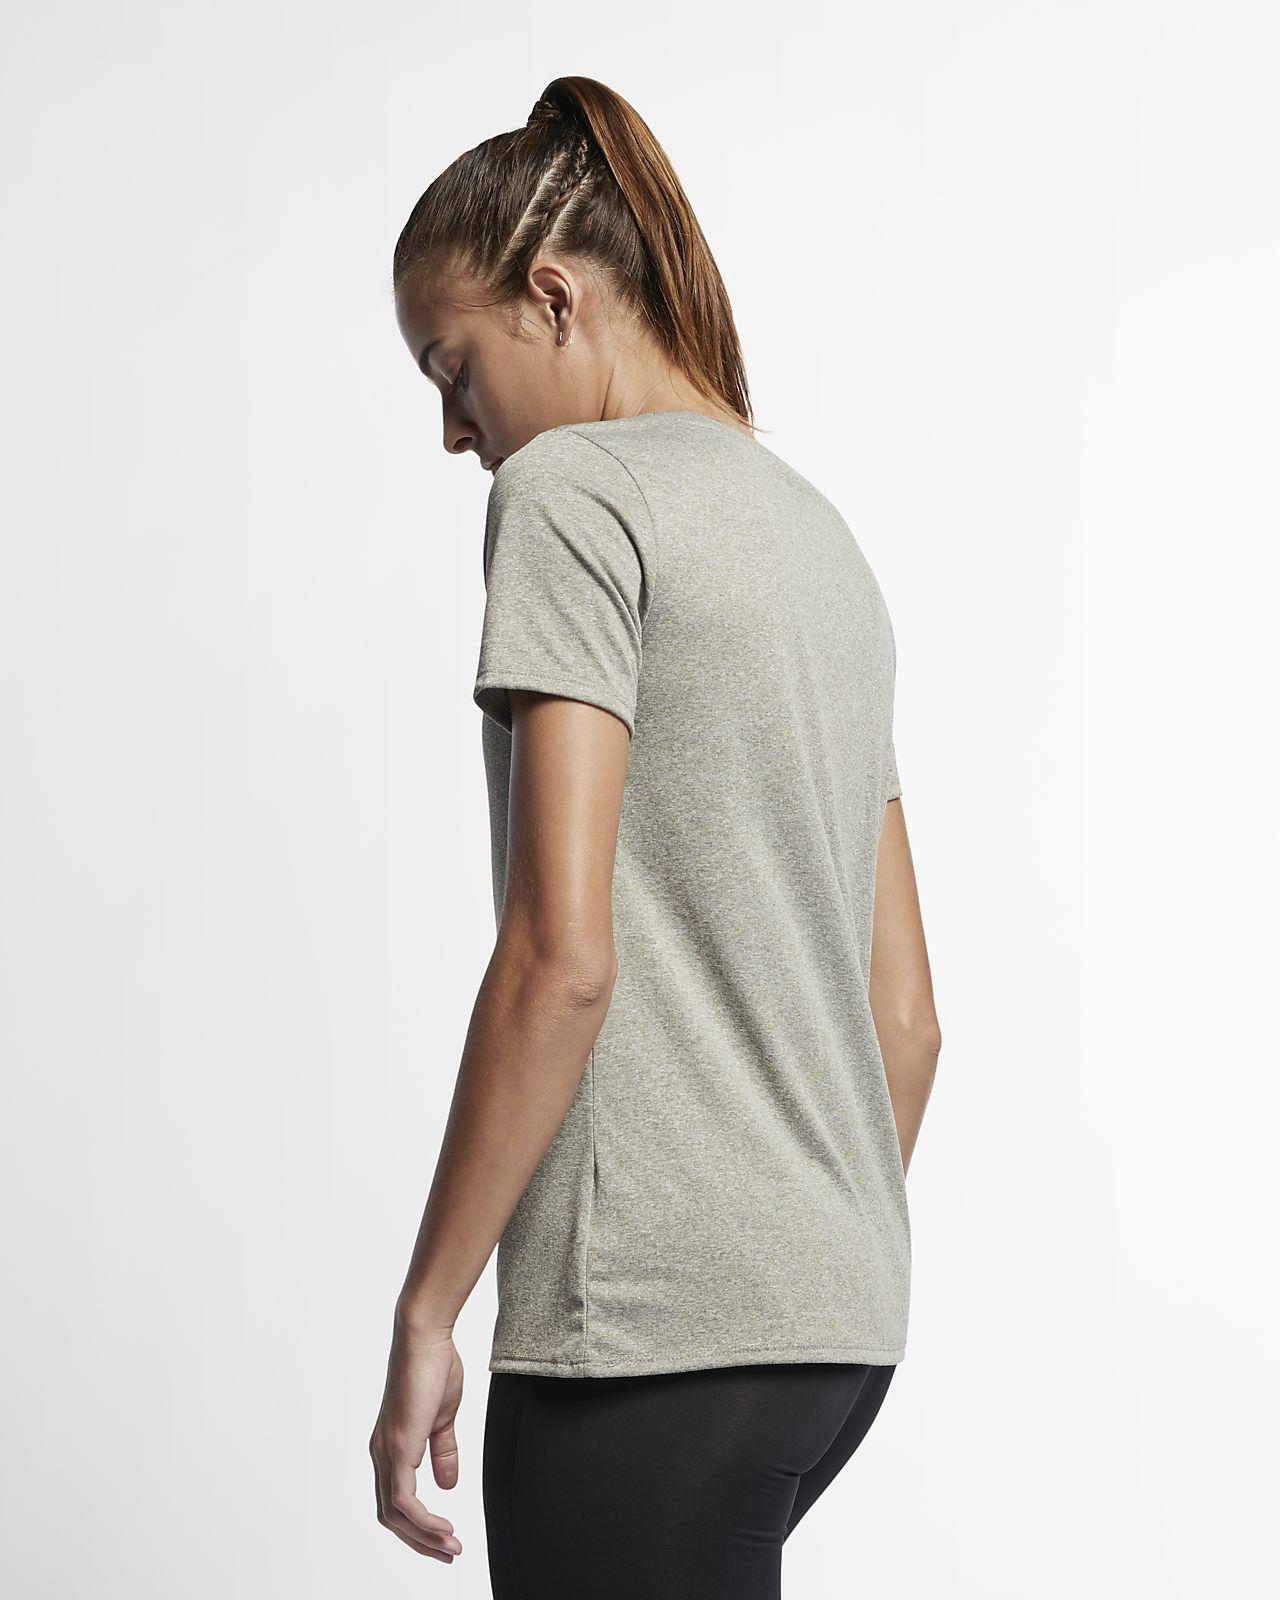 748270aa10500 Nike Dri-FIT Women s Training T-Shirt. Nike.com